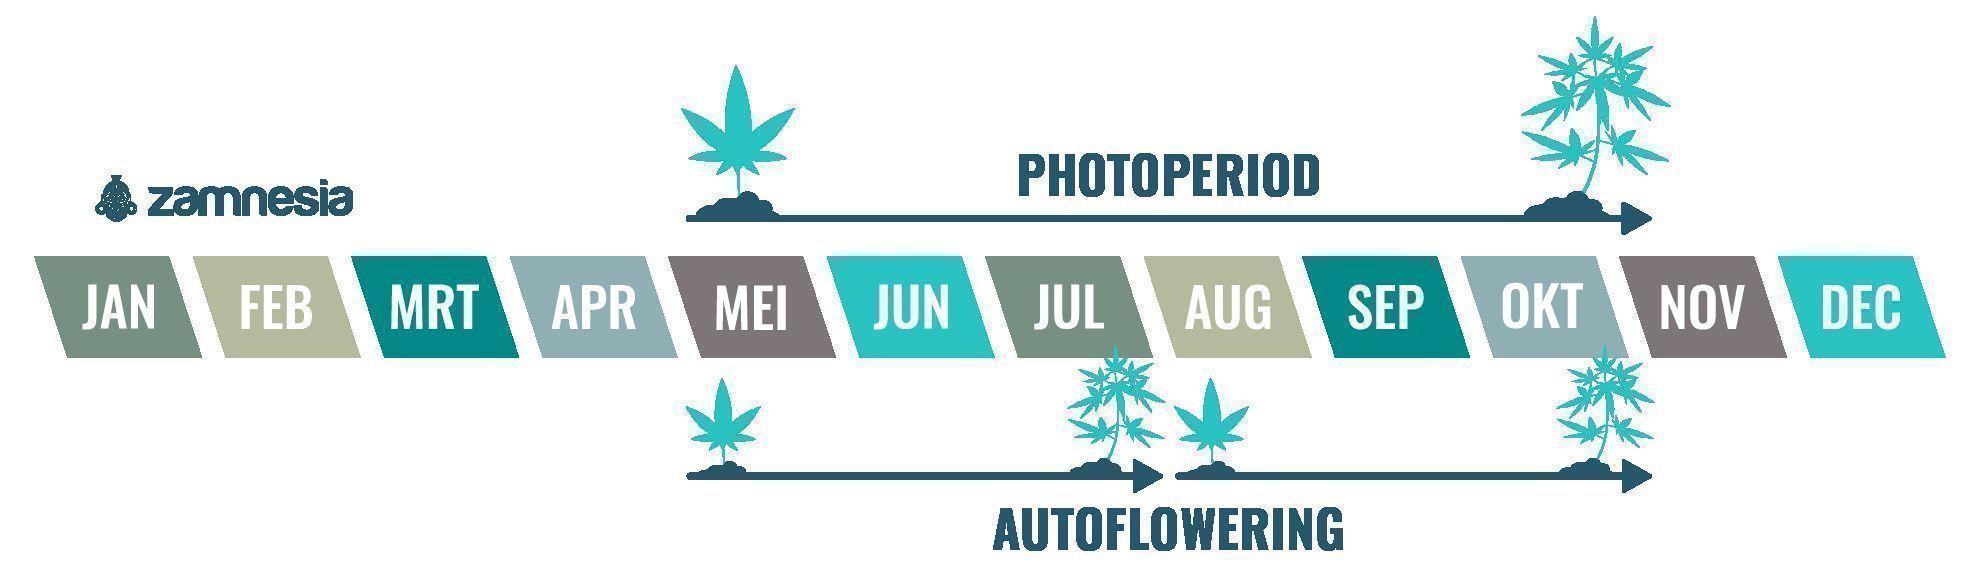 De cannabisplant is een eenjarige plant